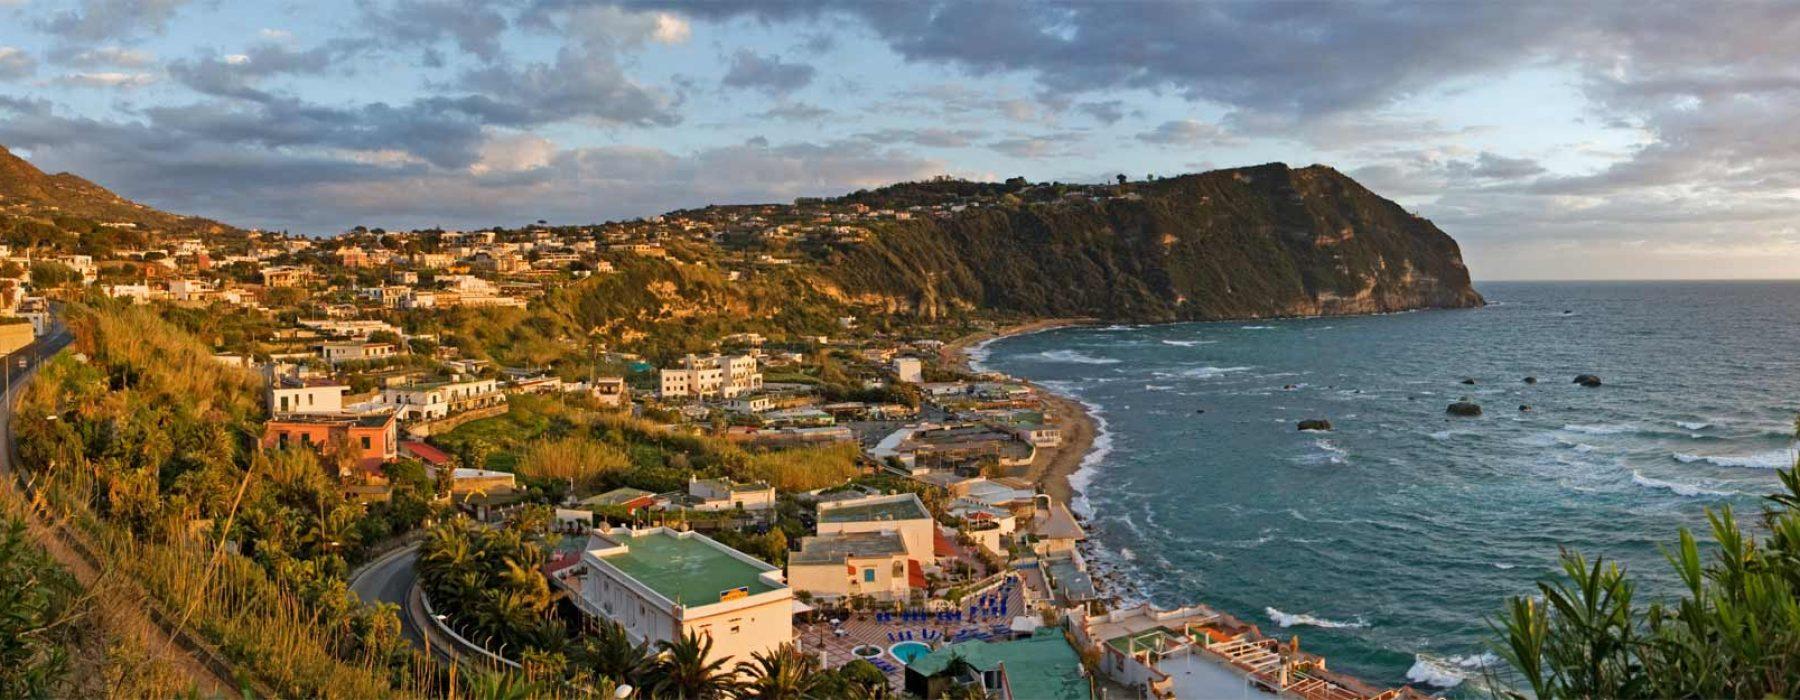 Reino de dos Sicilias: las más bellas terrazas verdes con vistas al mar, Mortella, Negombo y Villa San Michele